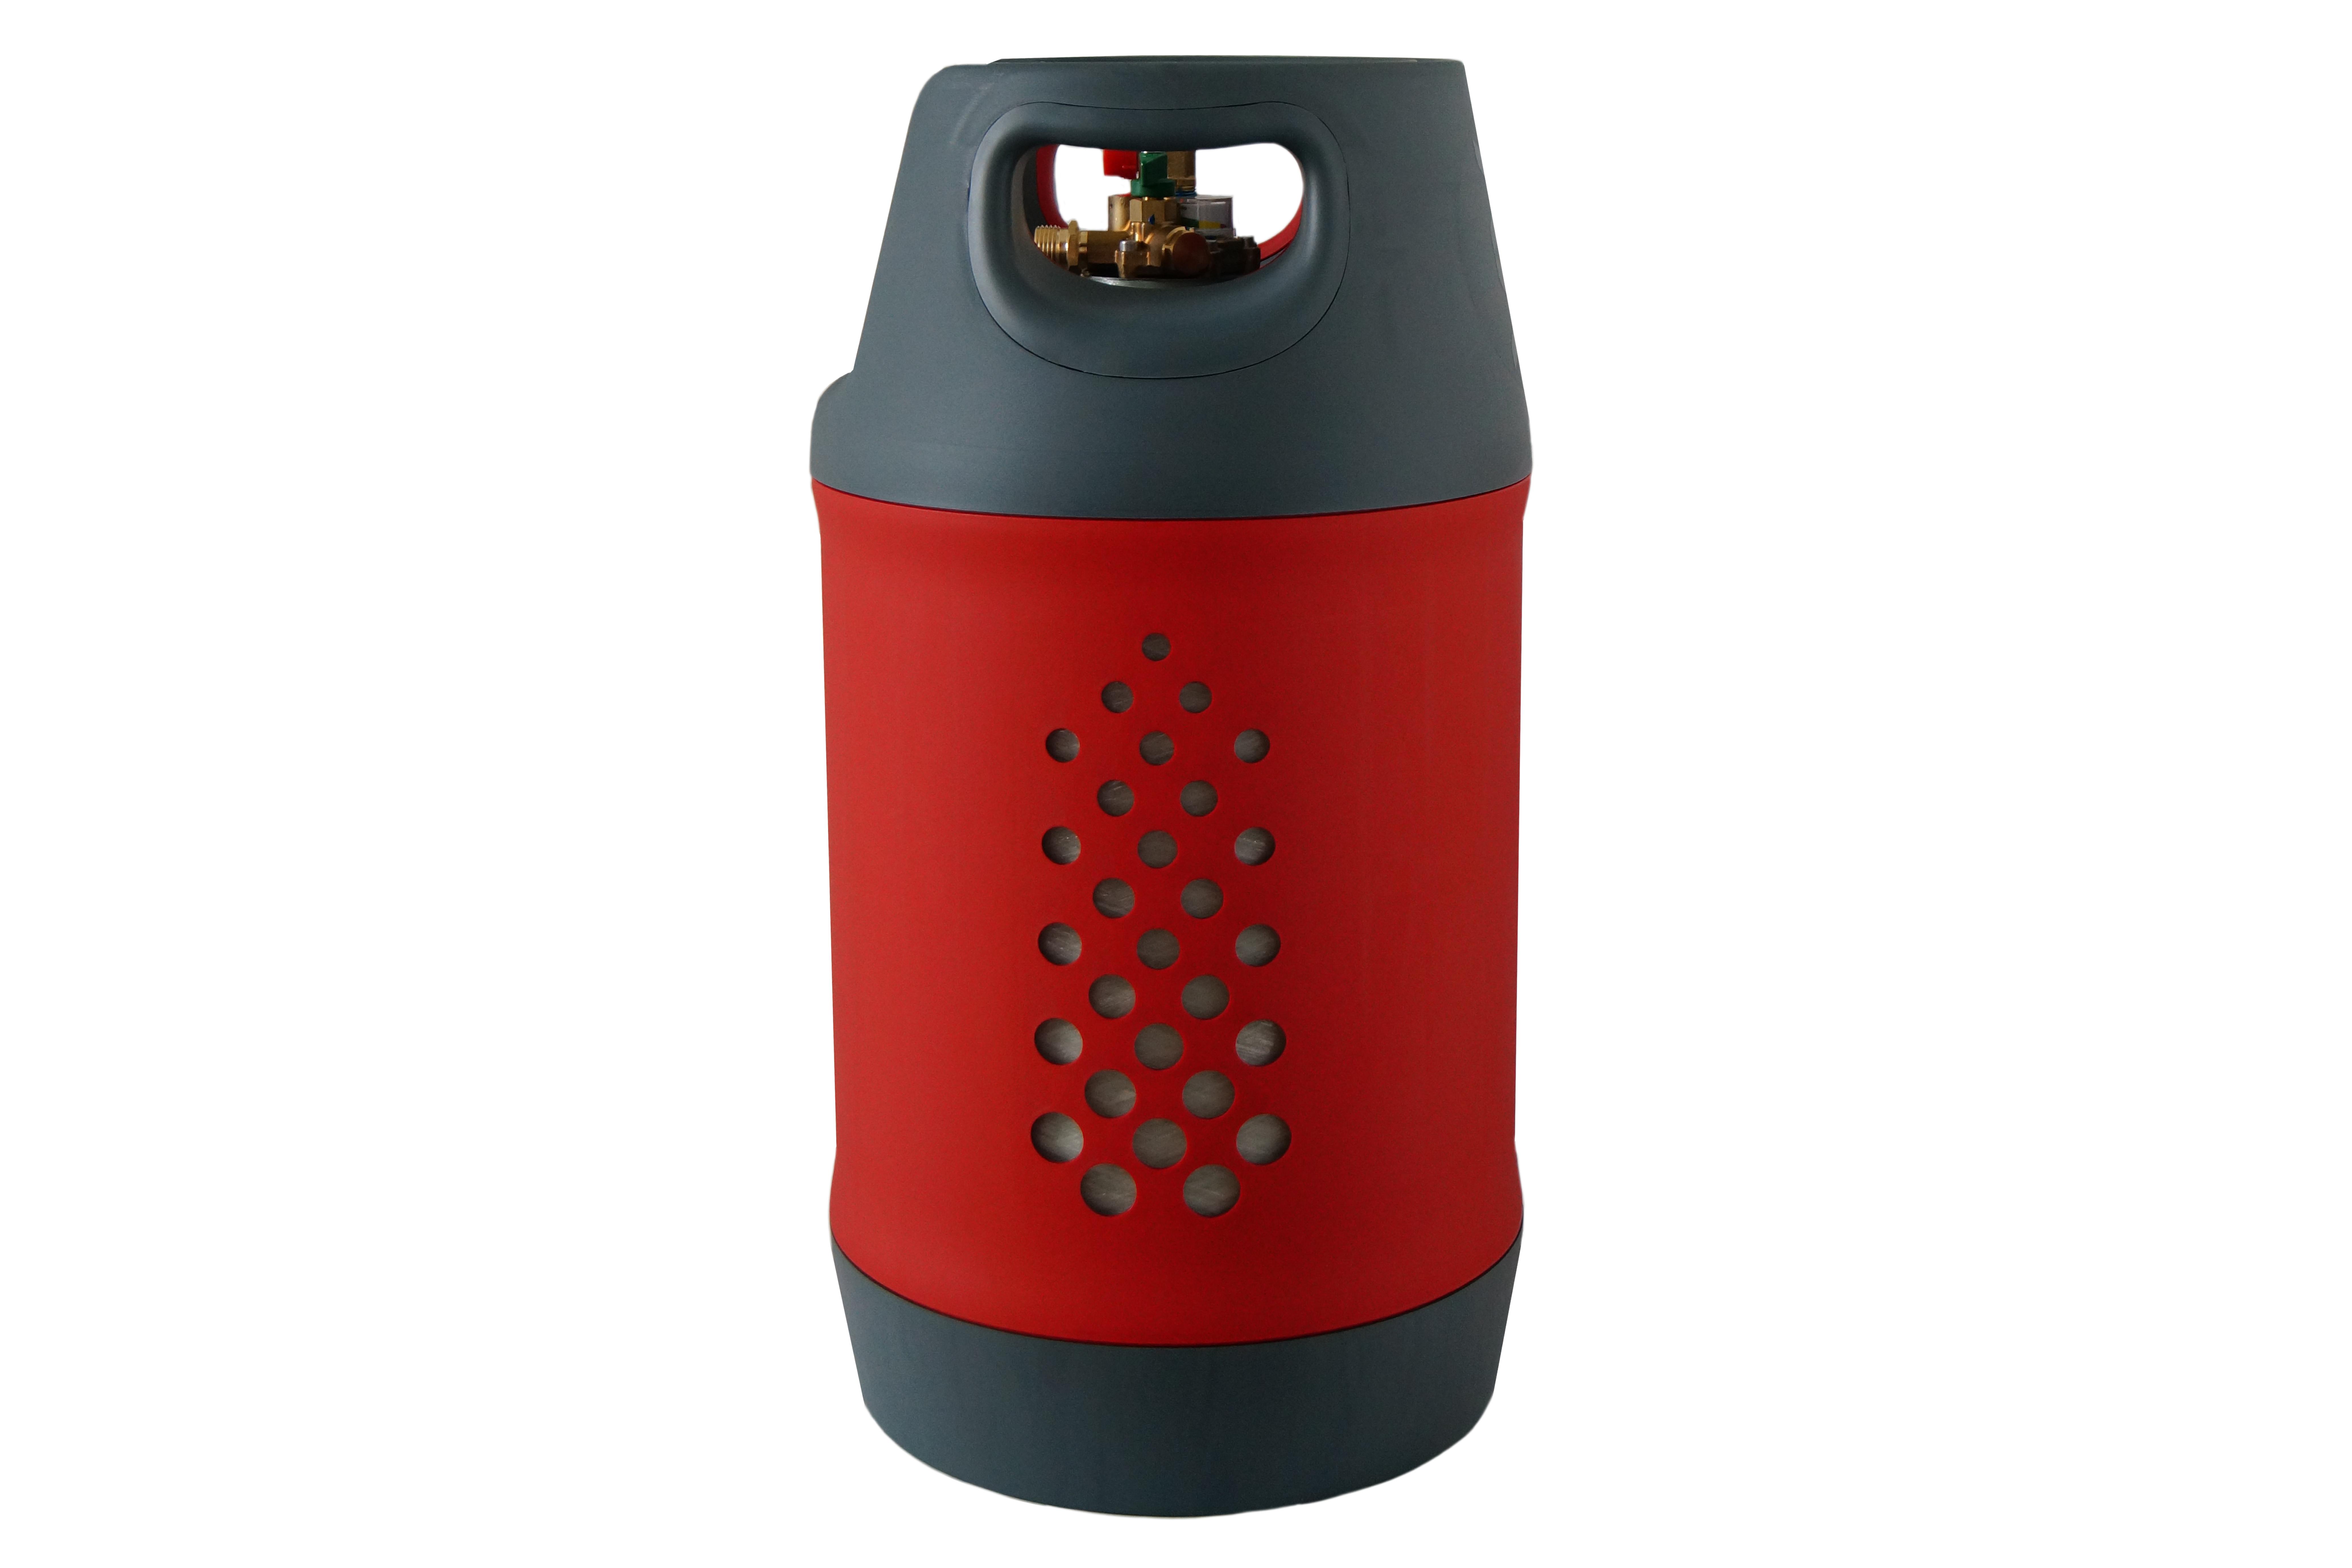 KOMPOSIT-Gasflasche-24-5L-wiederbefuellbar-mit-Multiventil-80-Fuellstop-AUTOGAS Indexbild 3